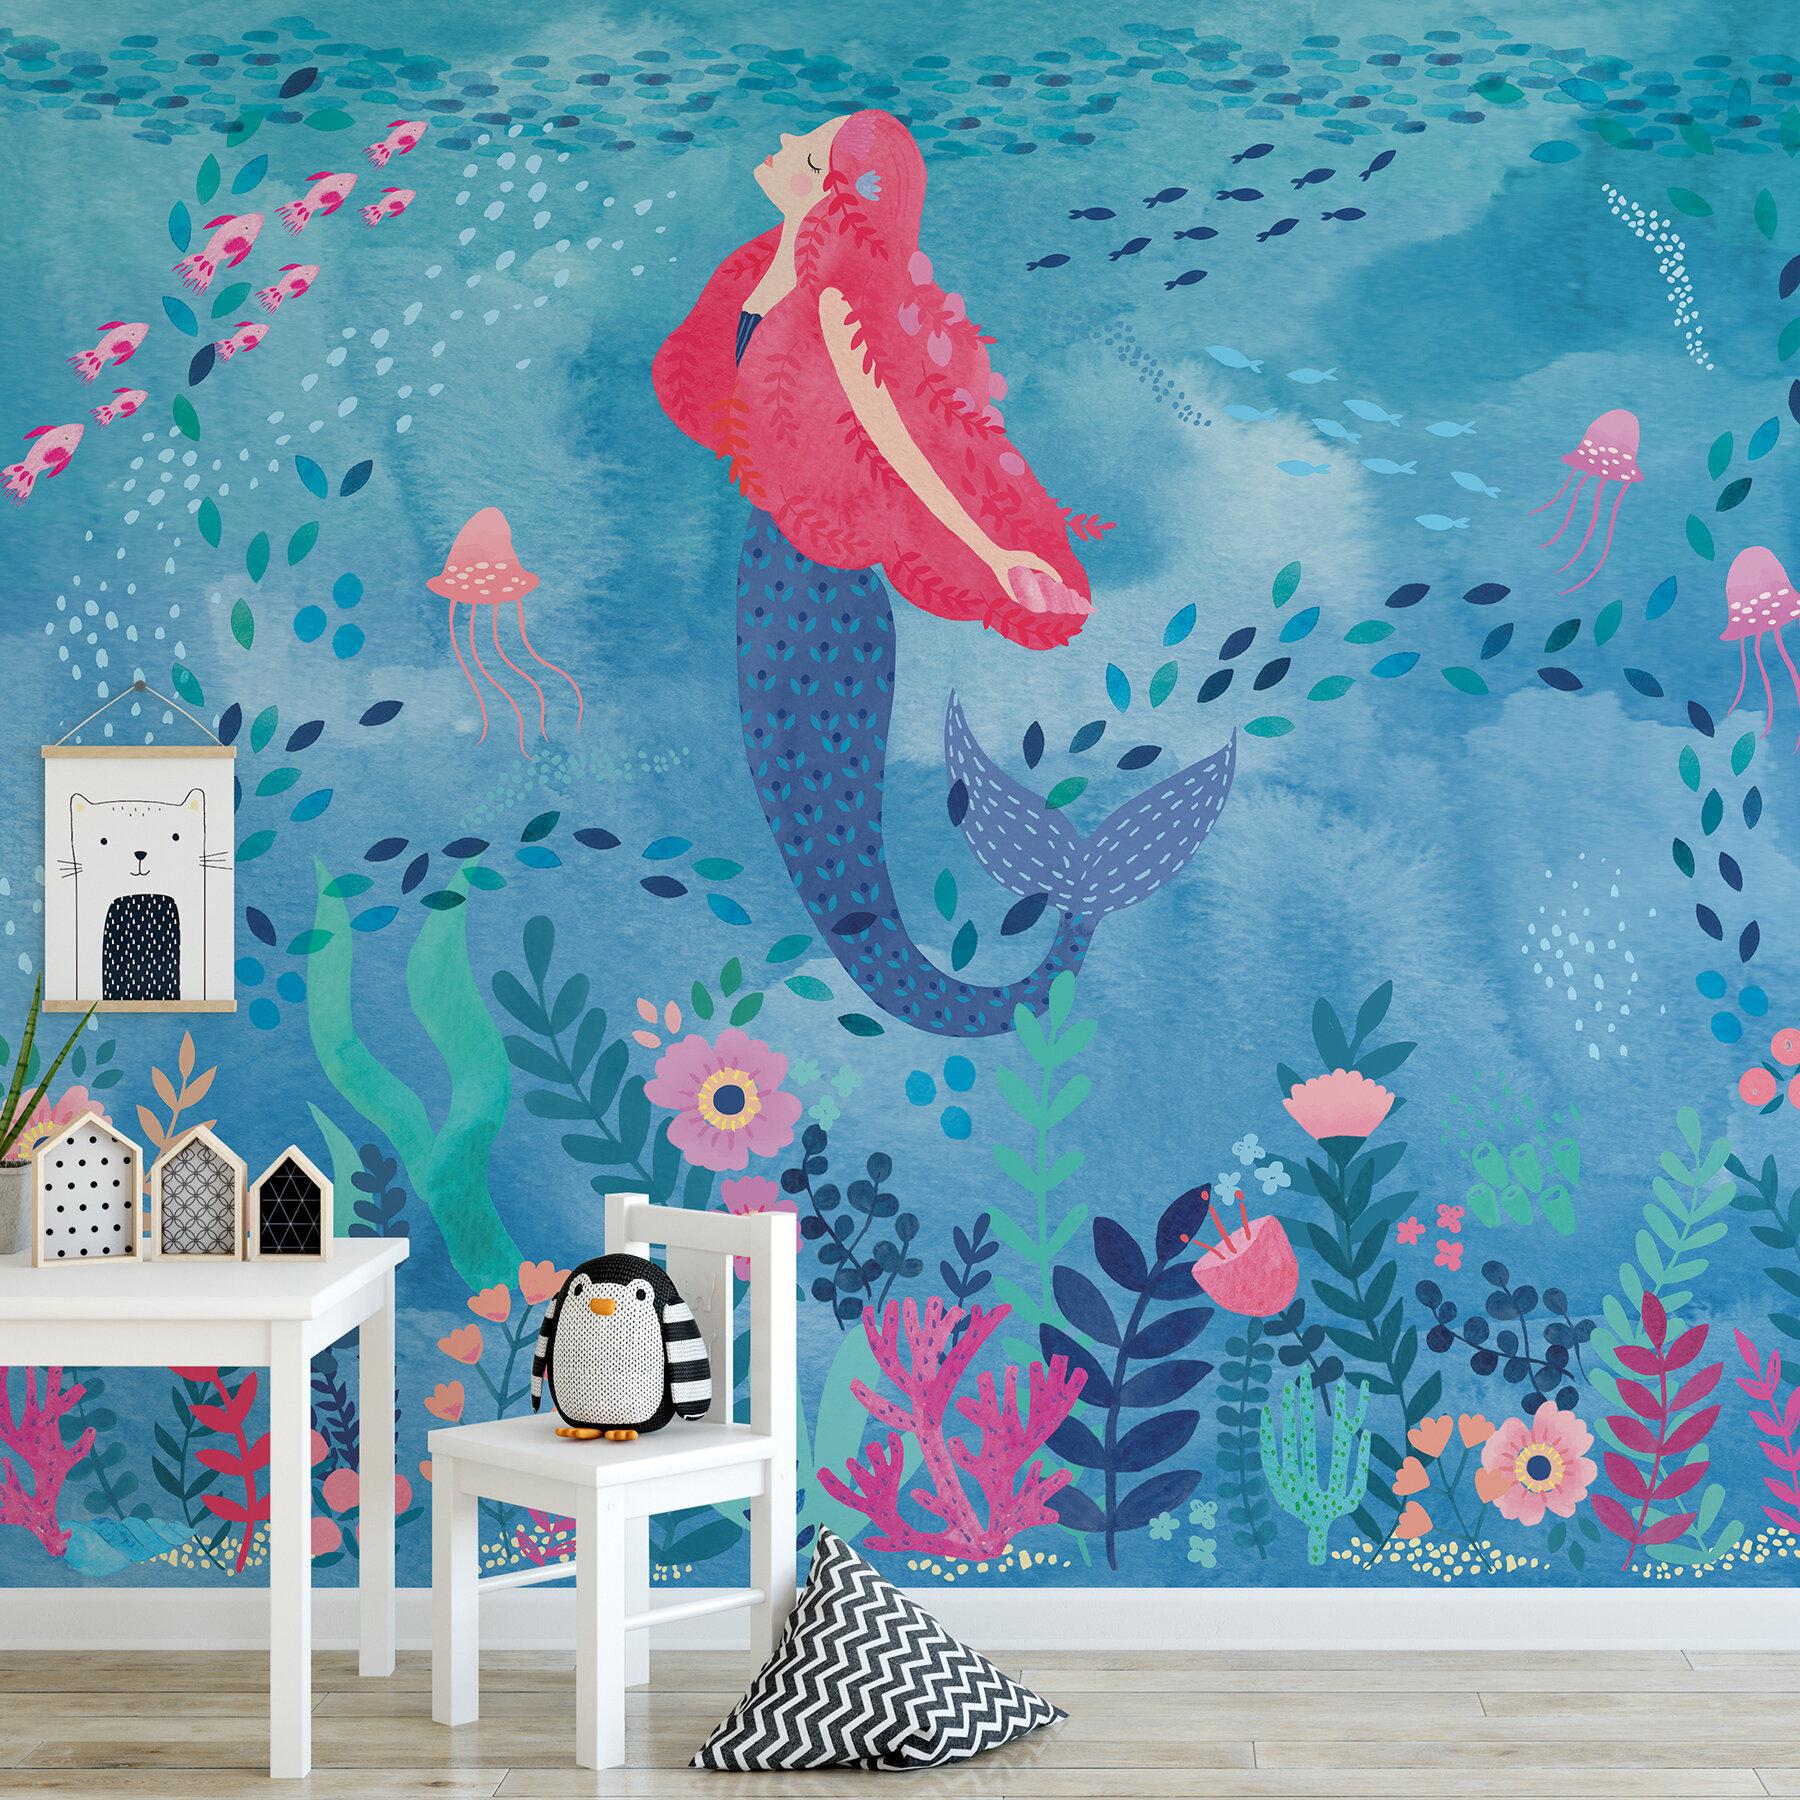 Wall Mural Magic Wall Mural Abstract Magic Wall Decal Abstract Wallpaper